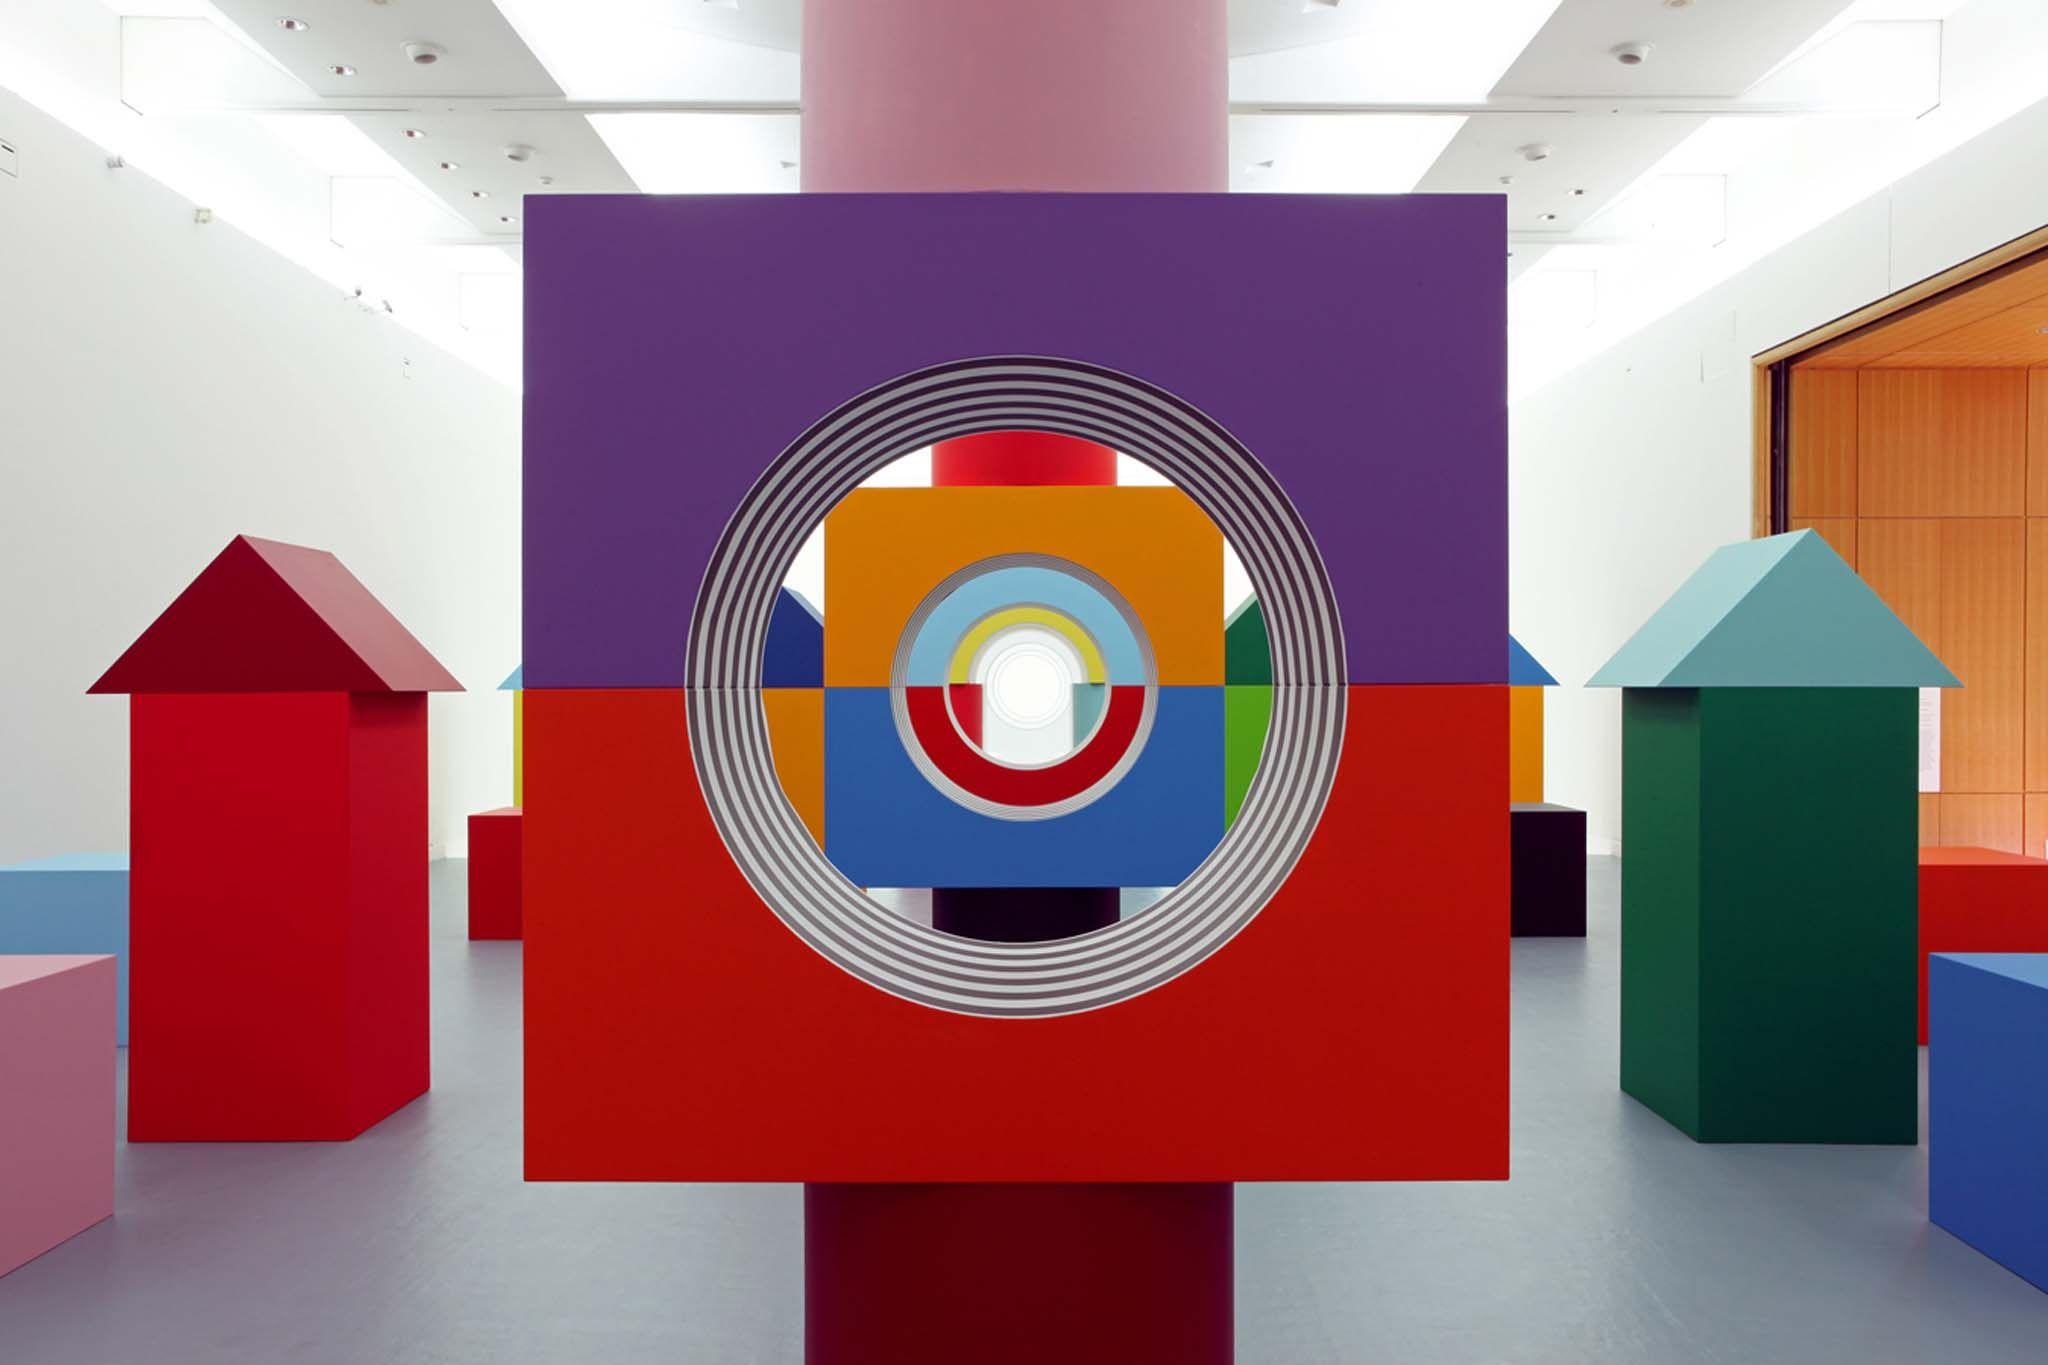 progetti musei bambini - Cerca con Google